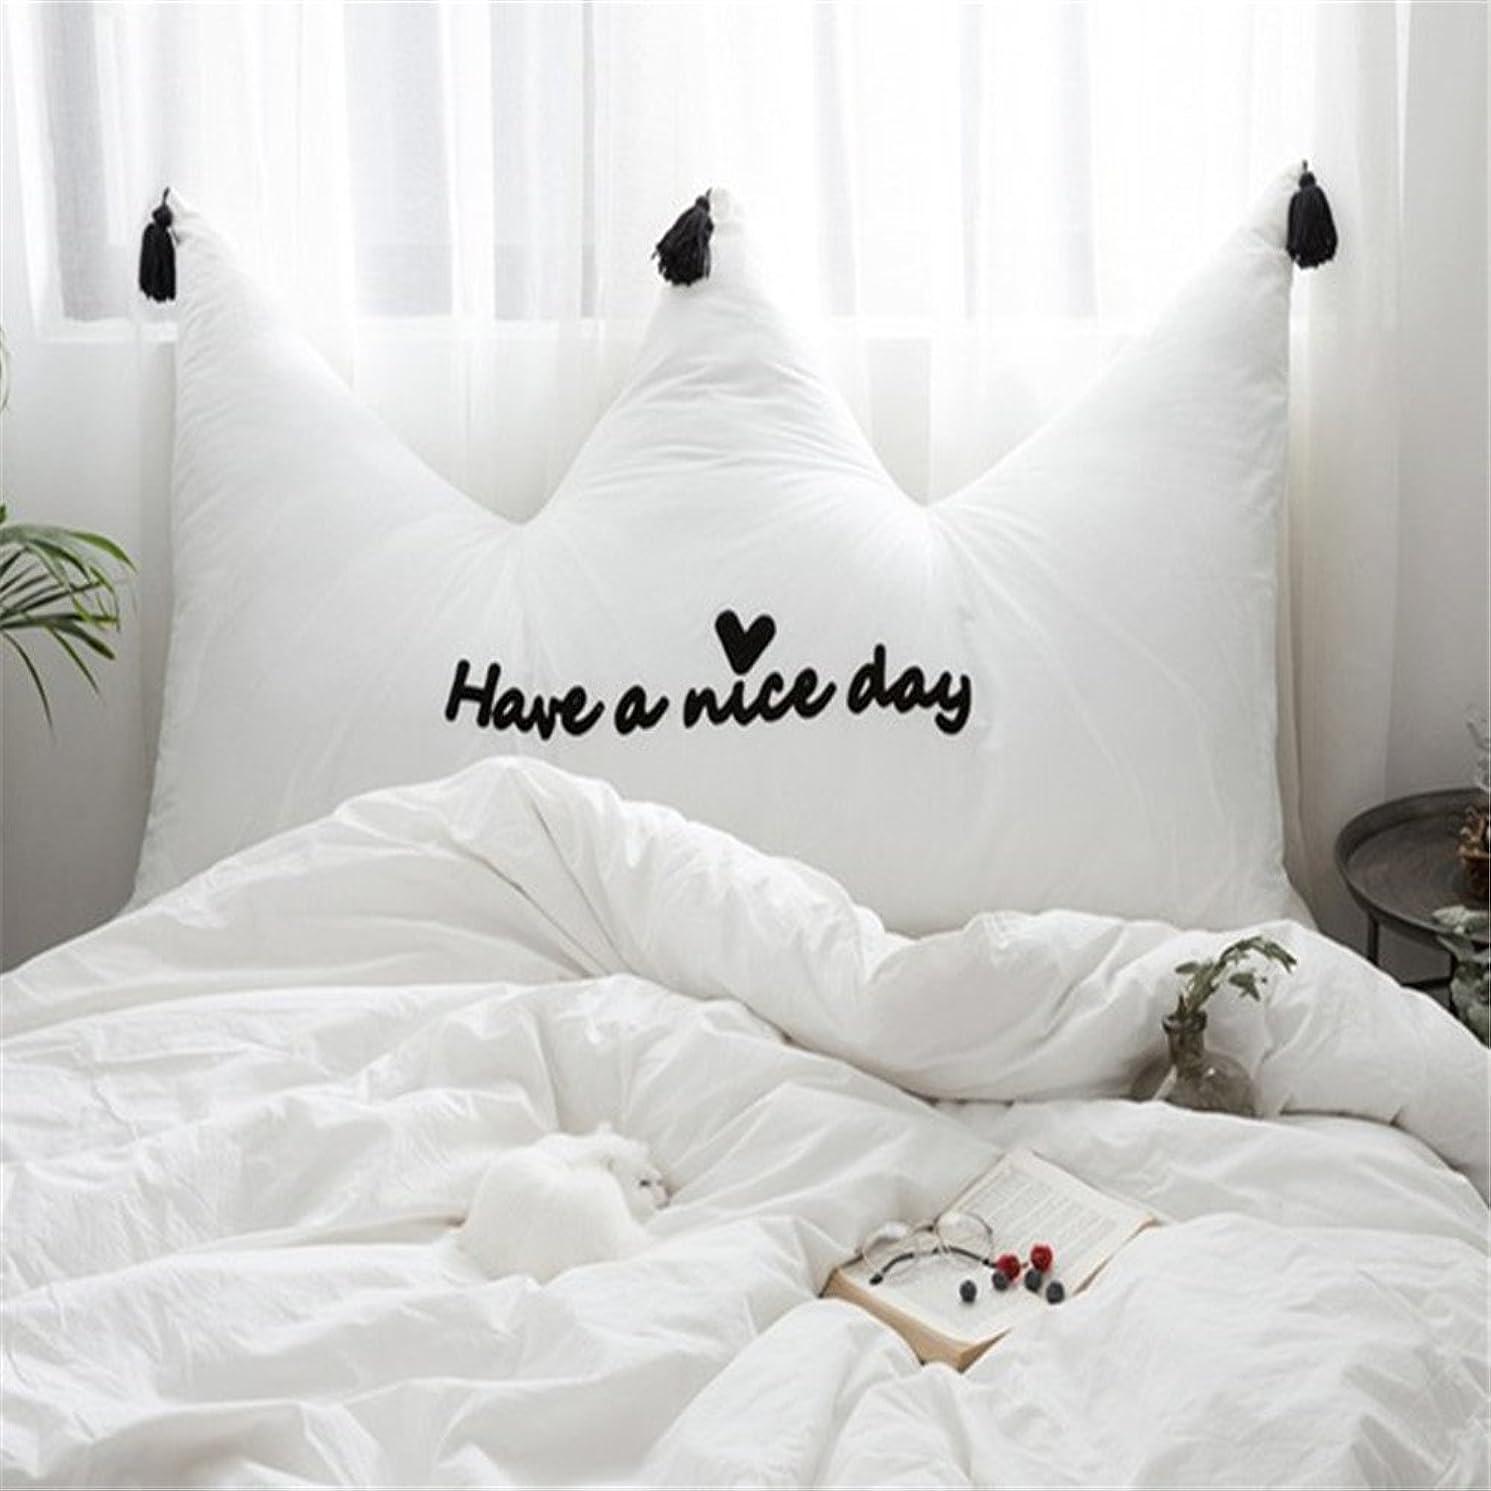 ロバヘッドレス中国腰まくら 純粋な綿刺繍枕洗える綿タッセルバック高弾性